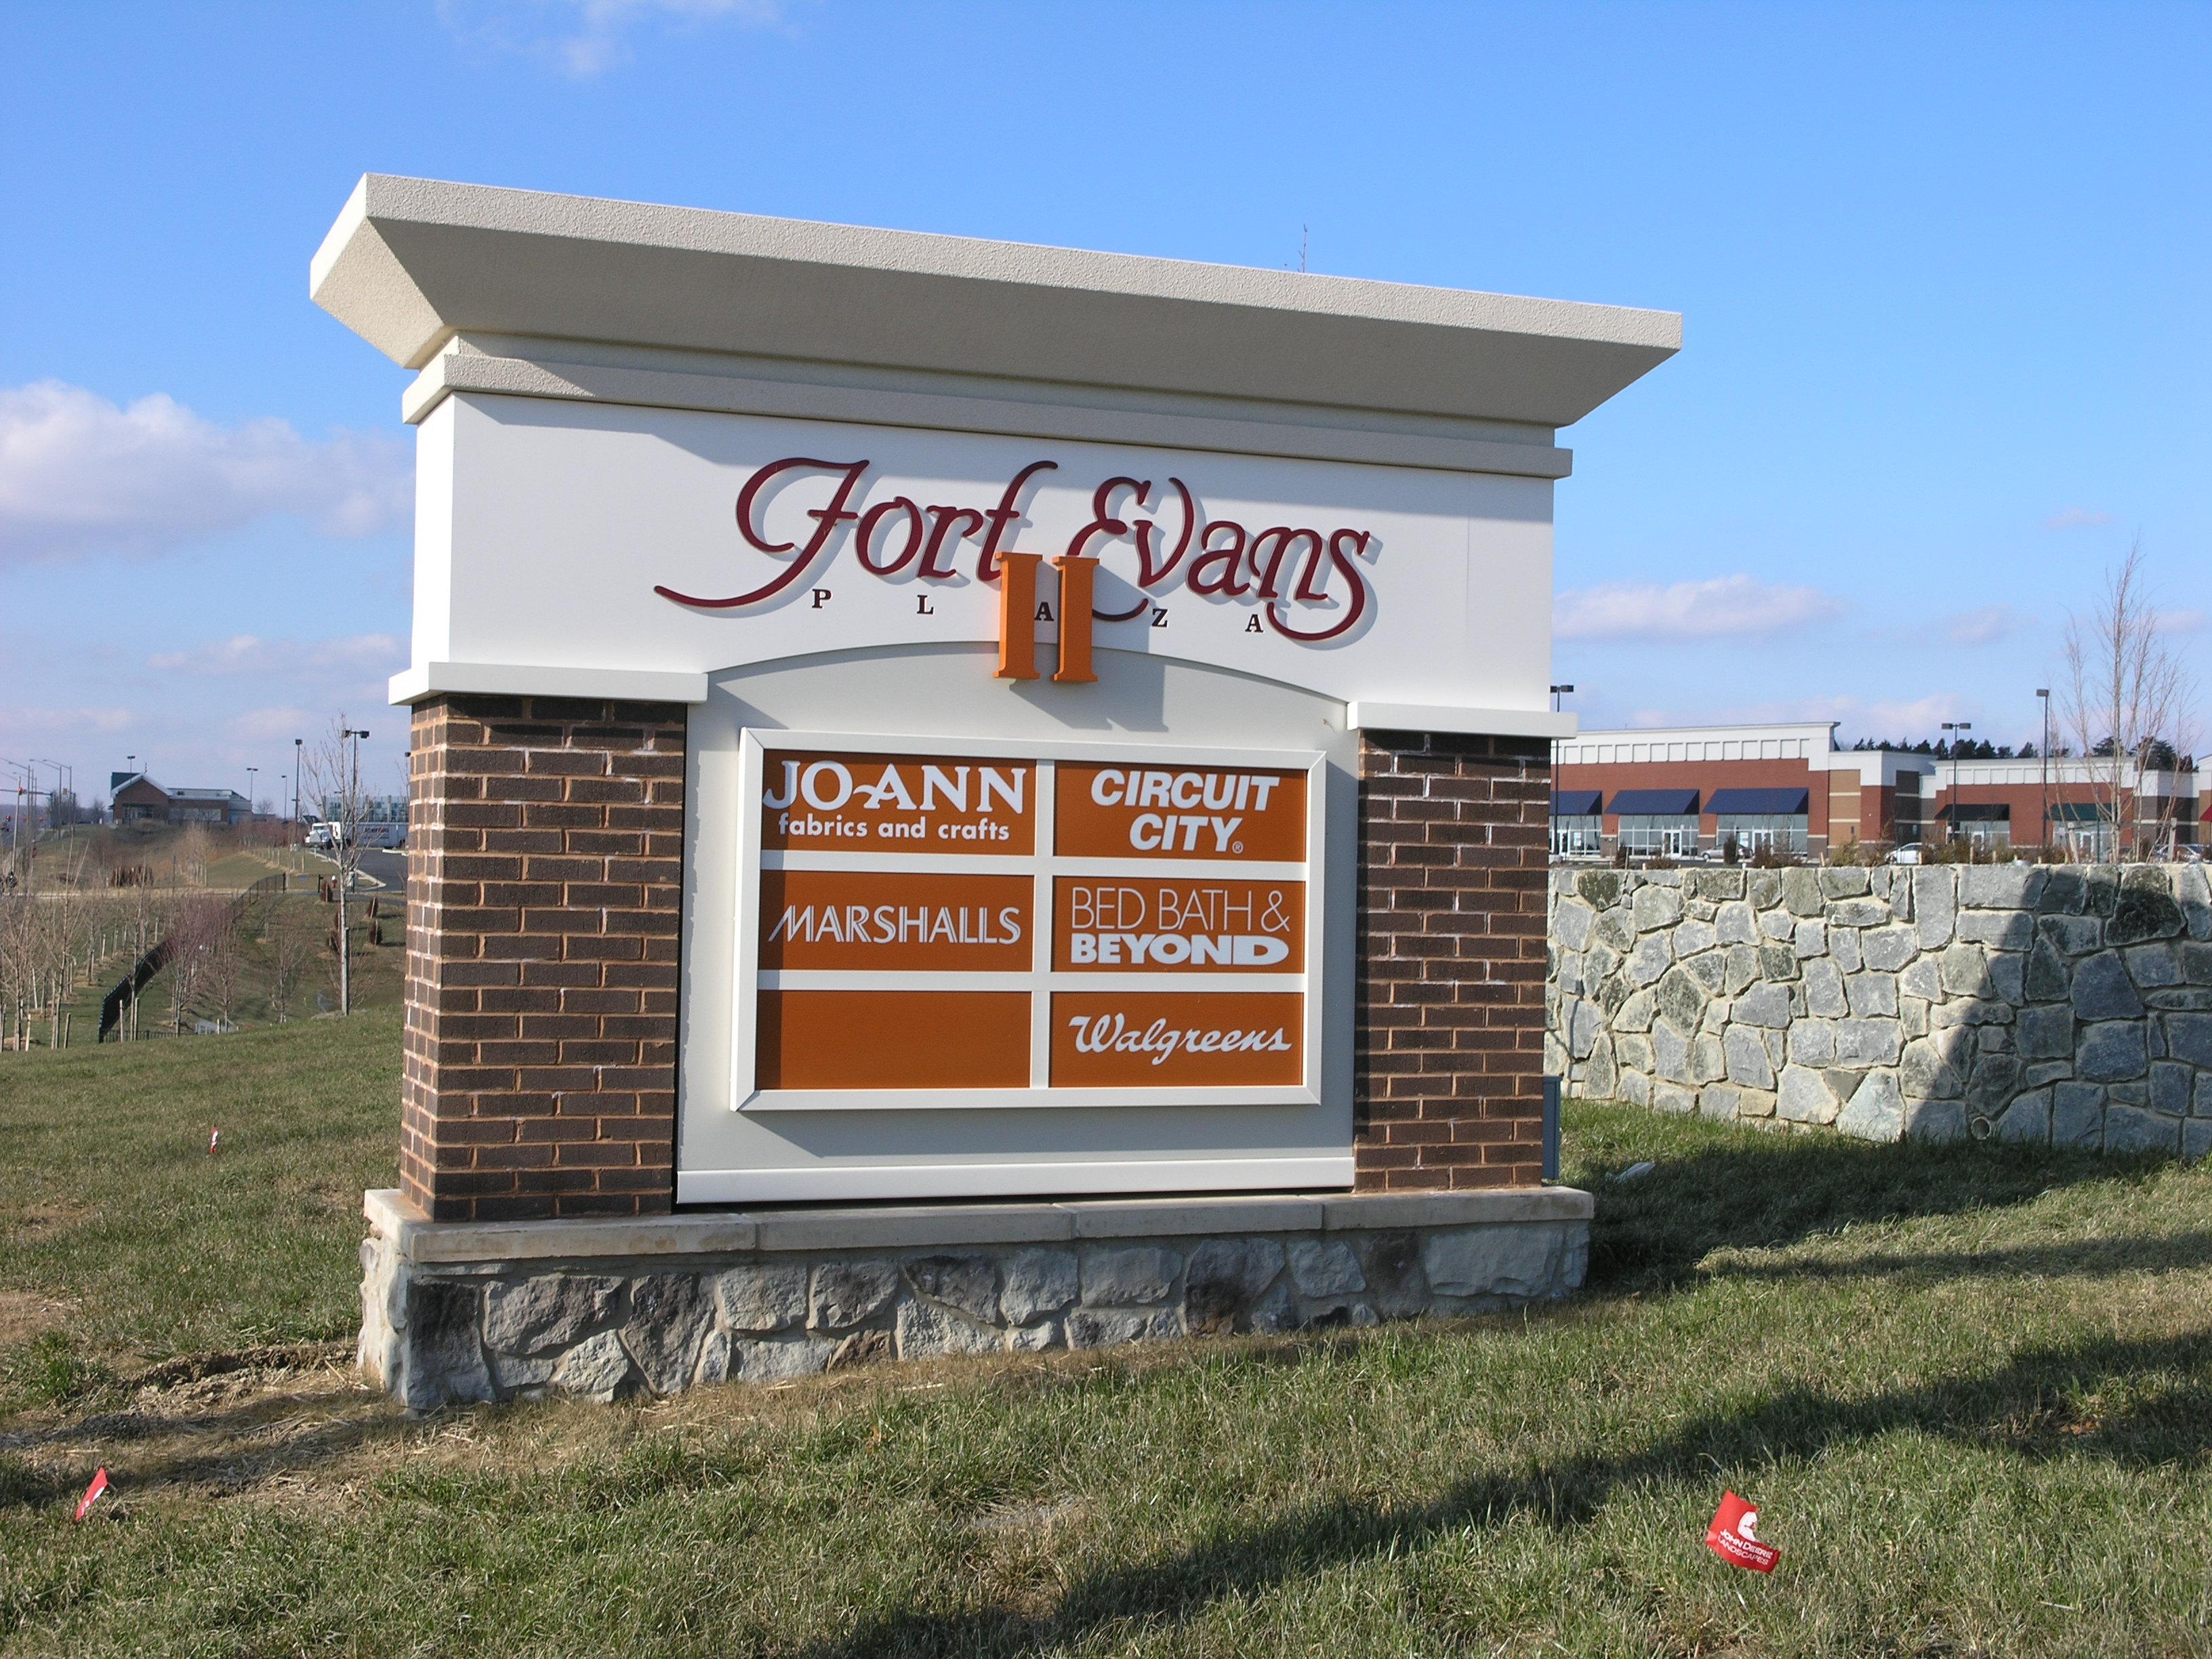 Fort Evans Plaza - Monument